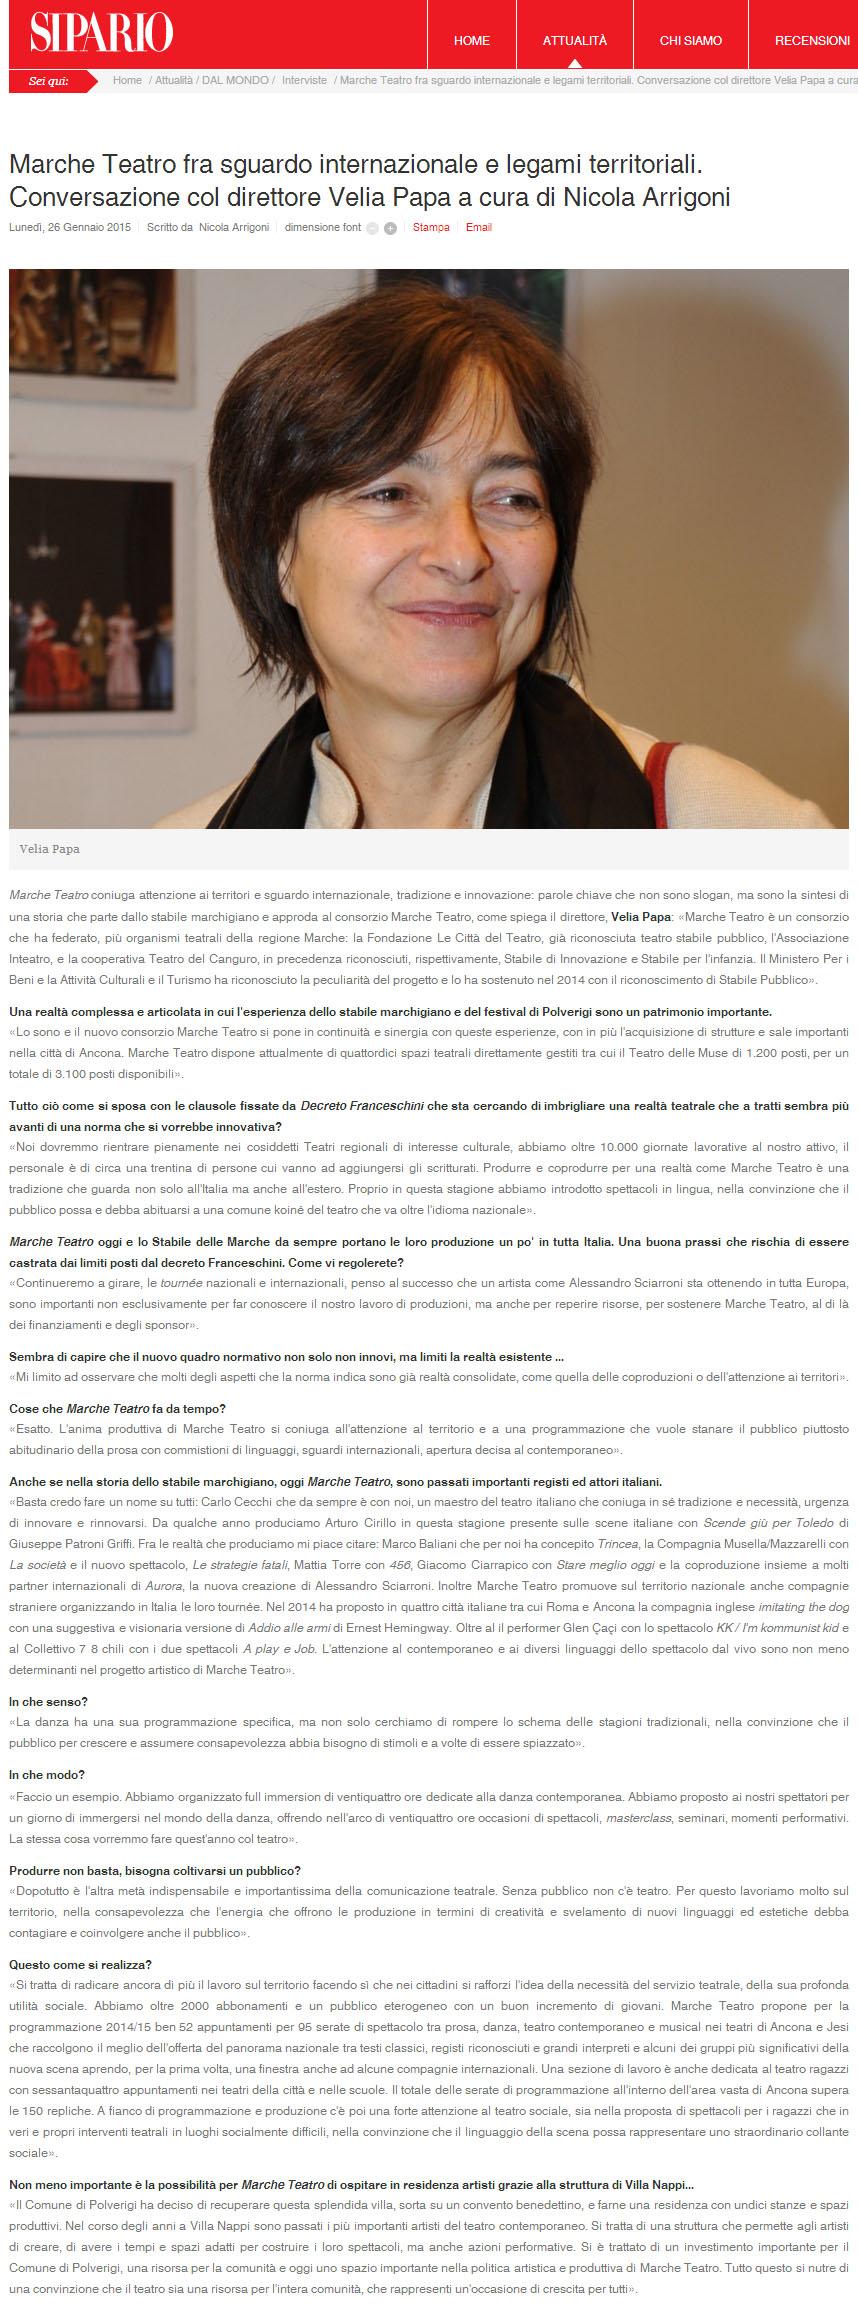 2015.01.26 Marche Teatro tra sguardo internazionale e legami territoriali - sipario.it